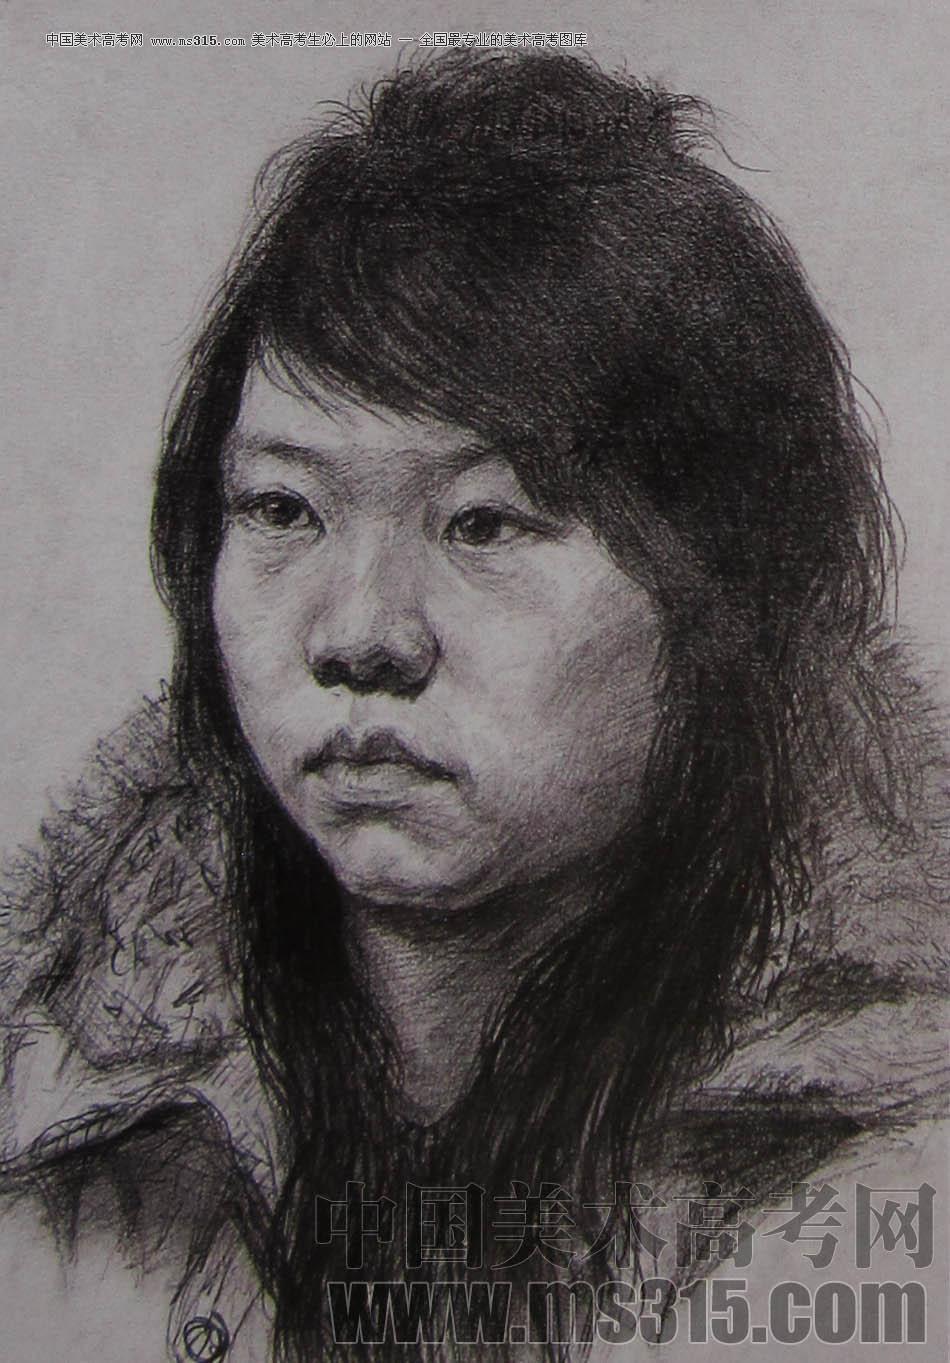 2010-2011年天津美术学院素描优秀试卷18(绘画、雕塑)